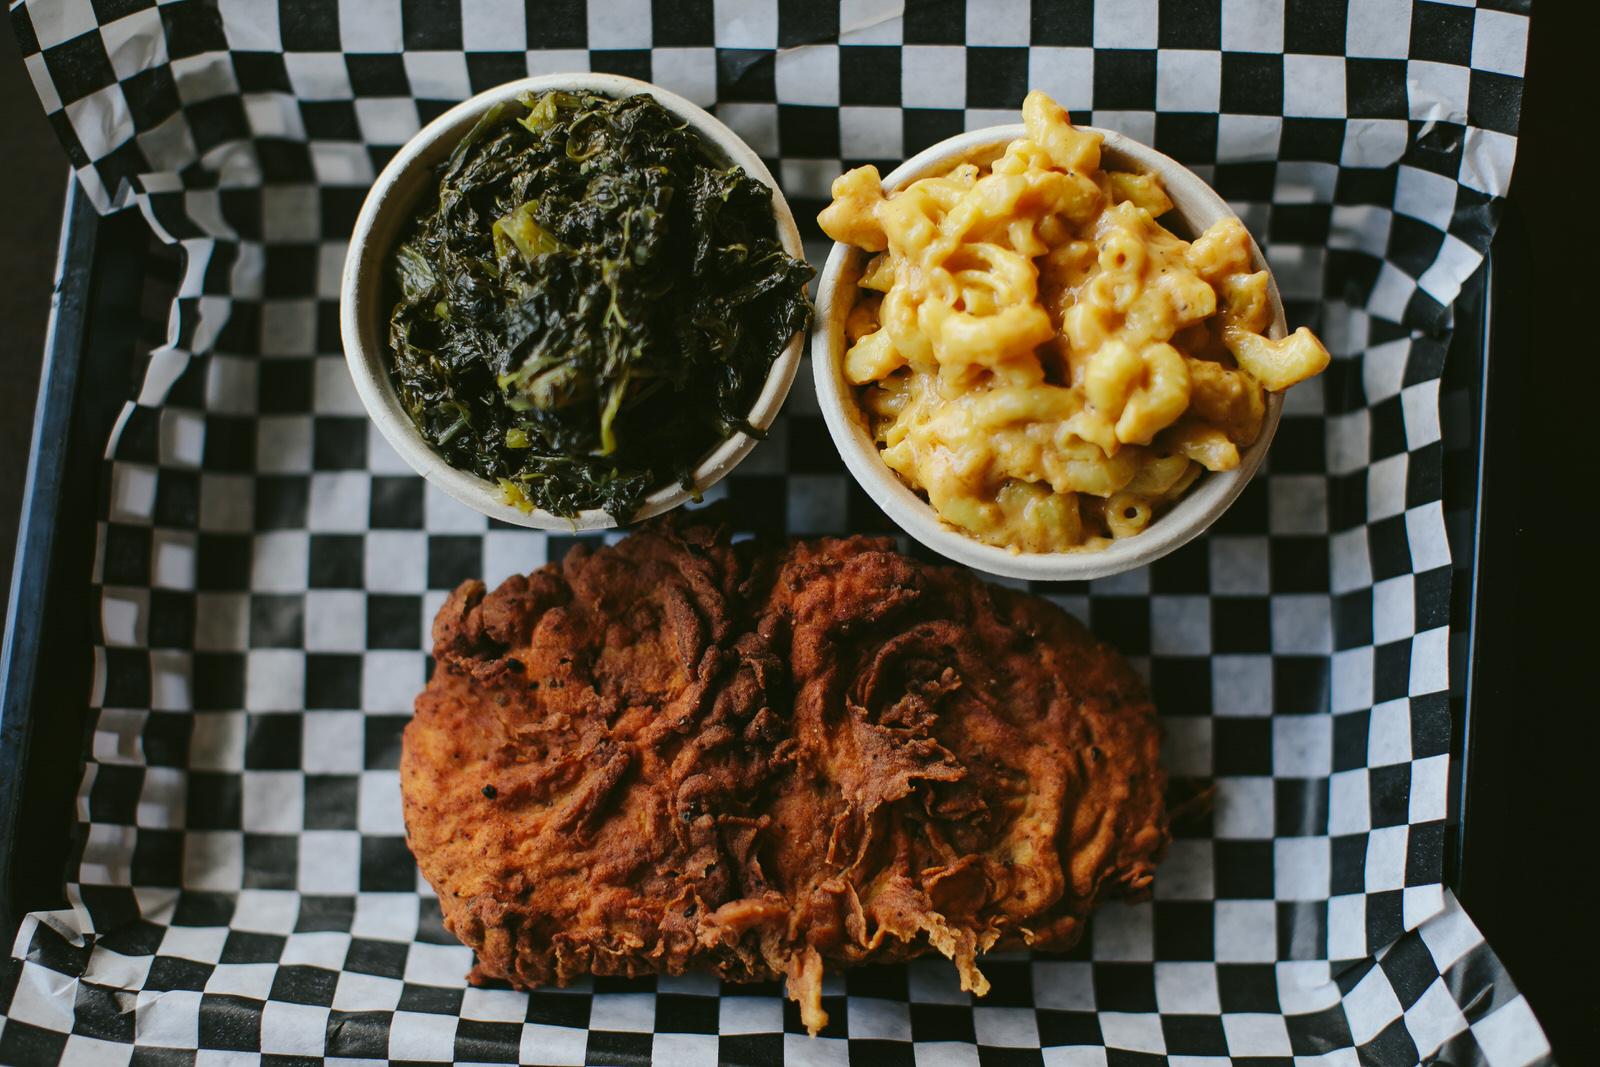 southern-v-vegan-cafe-vegancation-tiny-house-photo-food-photography.jpg